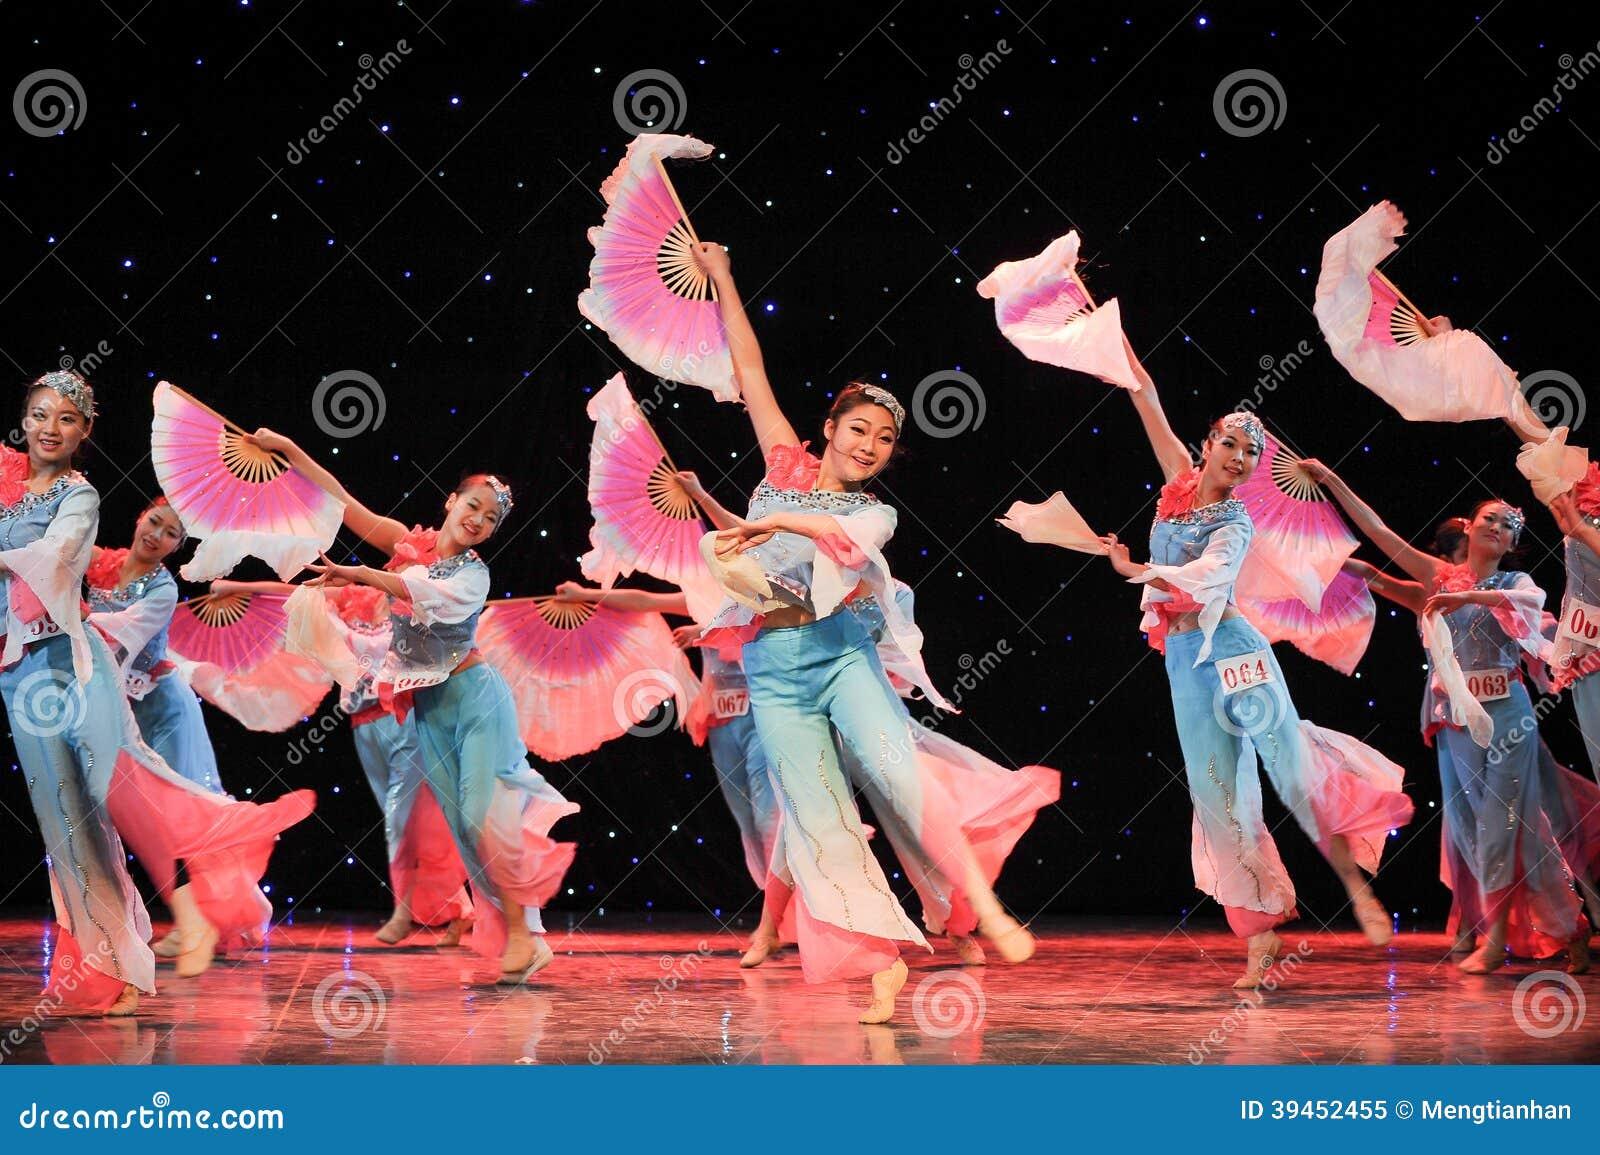 Danza Popular China Danza De Fan De Mucha Gente Imagen